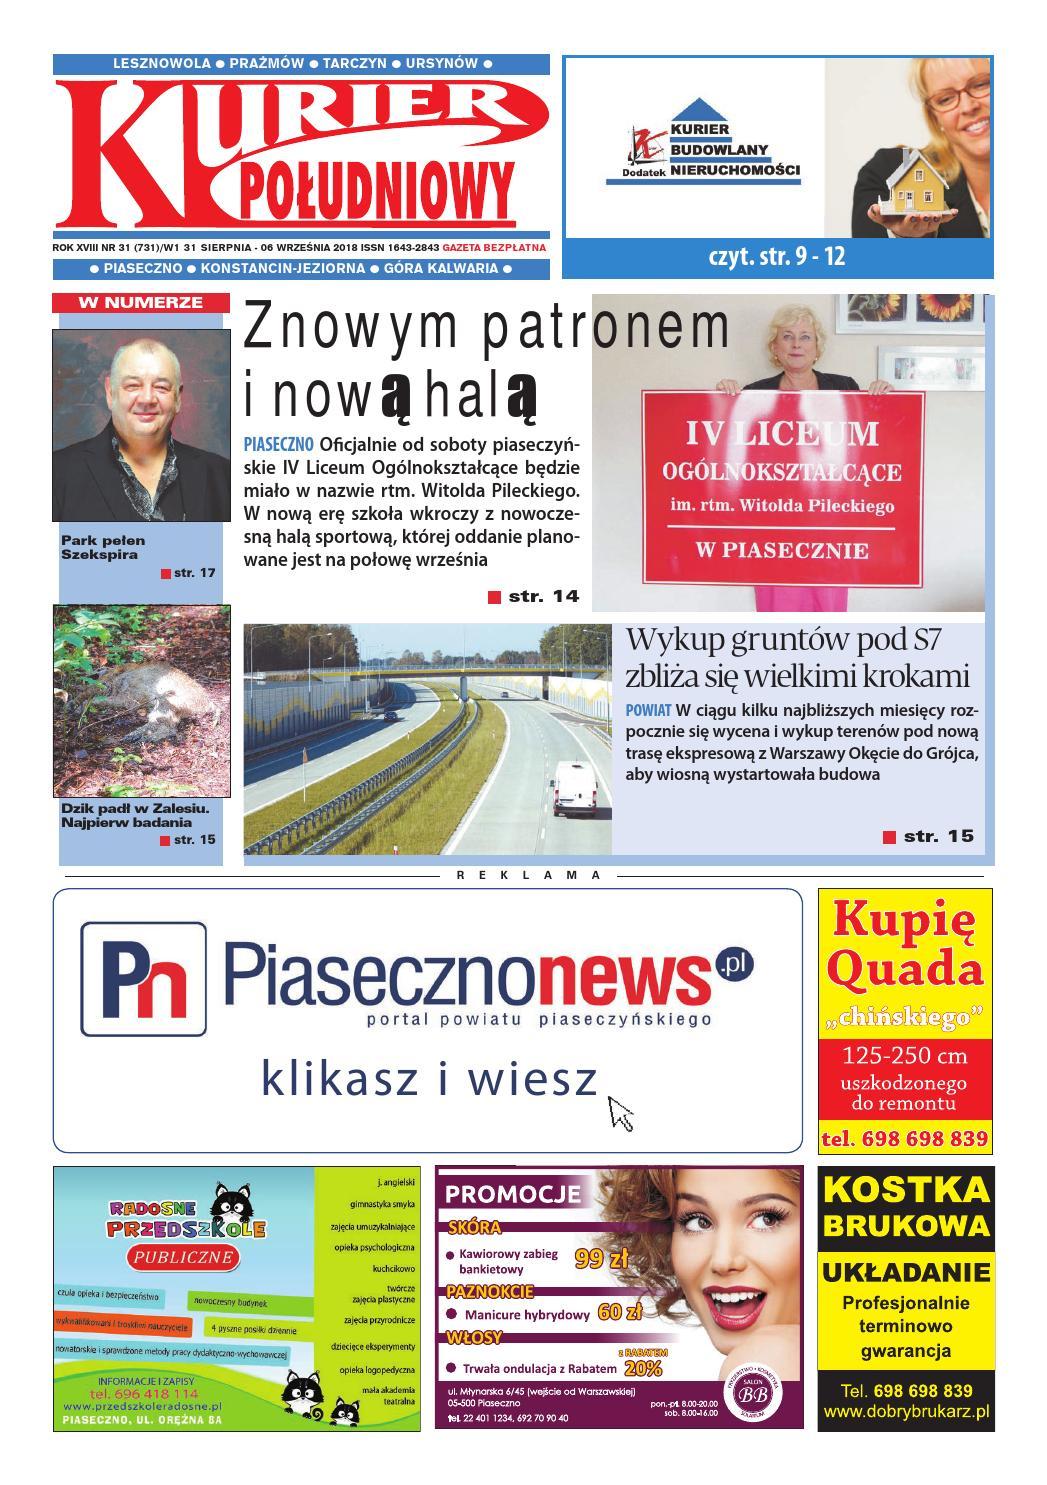 szukam kogo ciekawego Piaseczno